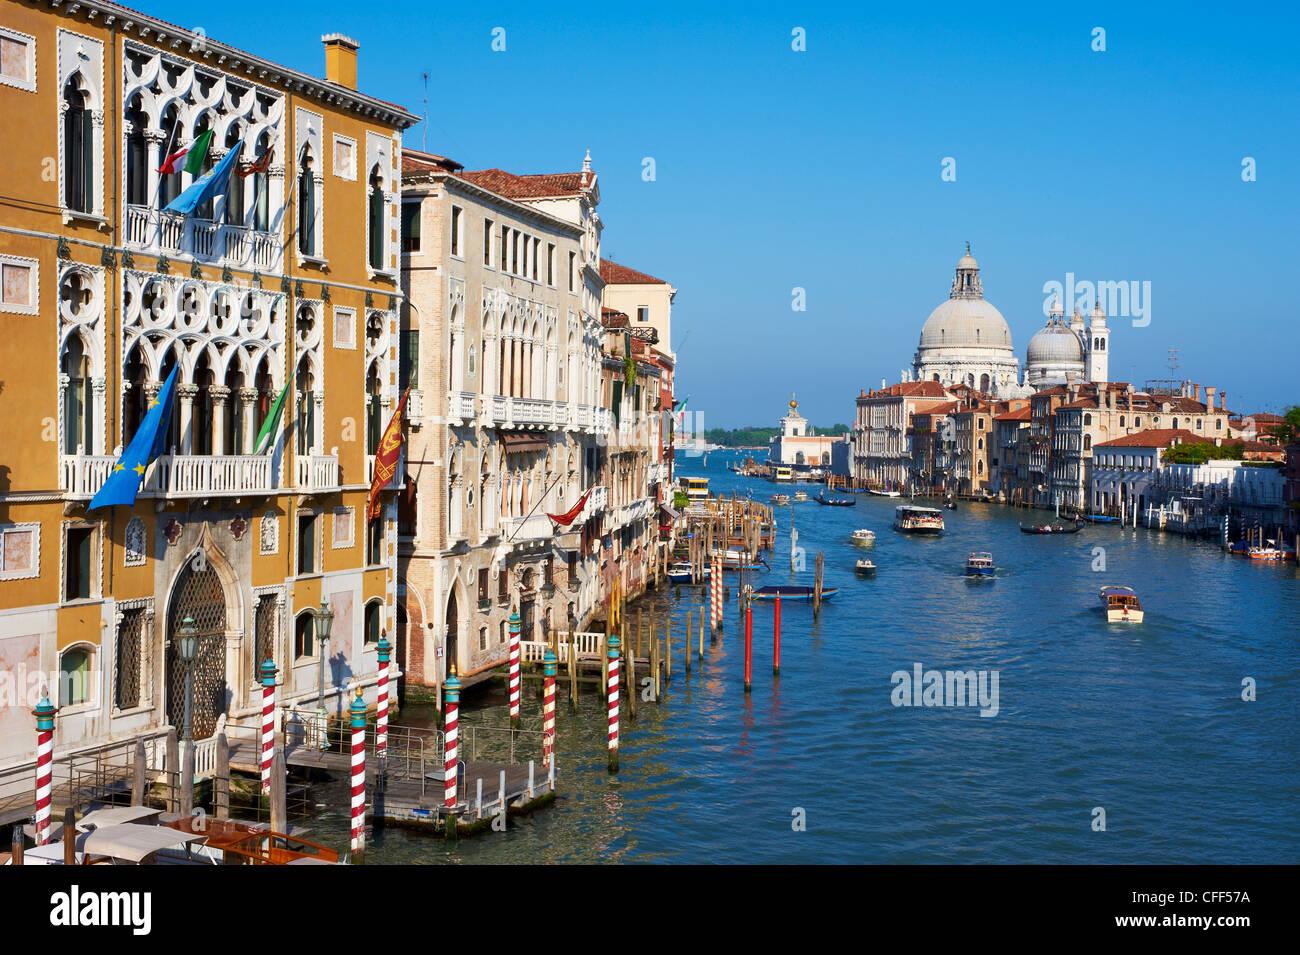 Il Canal Grande e la chiesa di Santa Maria della Salute in distanza, Venezia, Veneto, Italia Immagini Stock